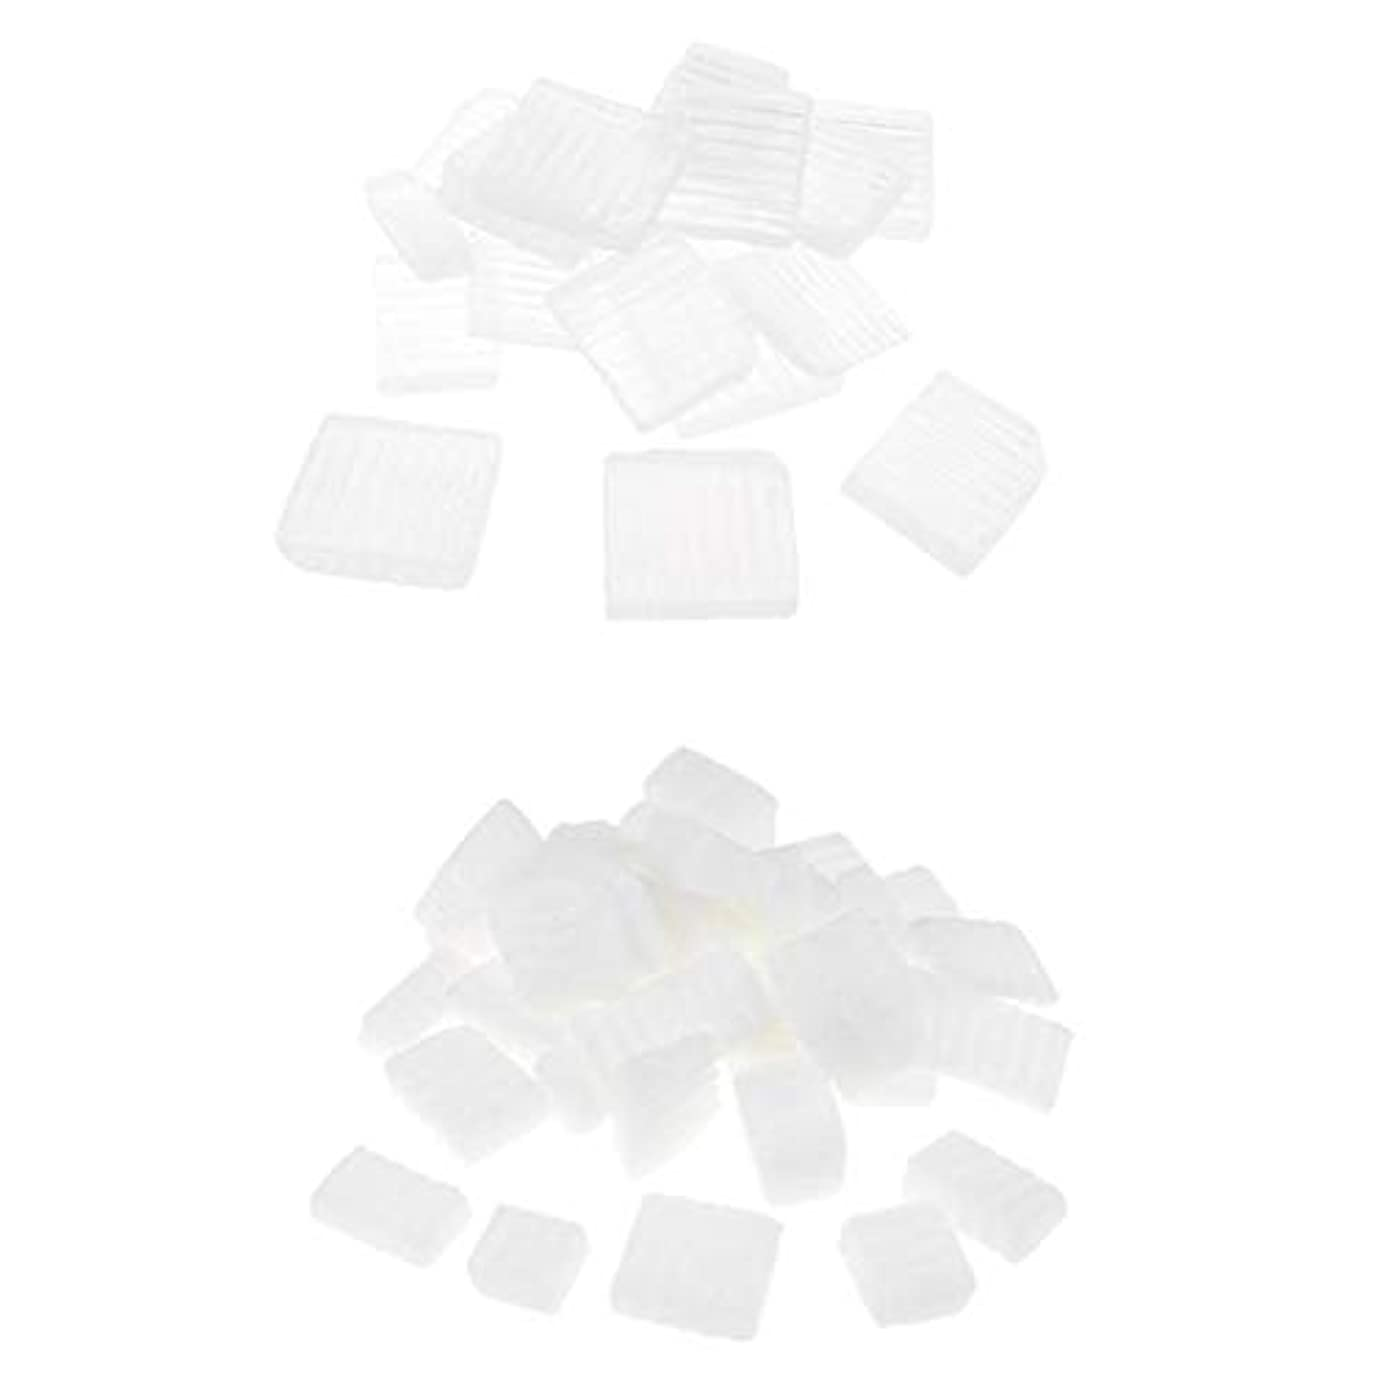 離れたまともな灰Baoblaze 固形せっけん 2KG 2種 ホワイト 透明 DIYハンドメイド ソープ原料 石鹸製造 古典的